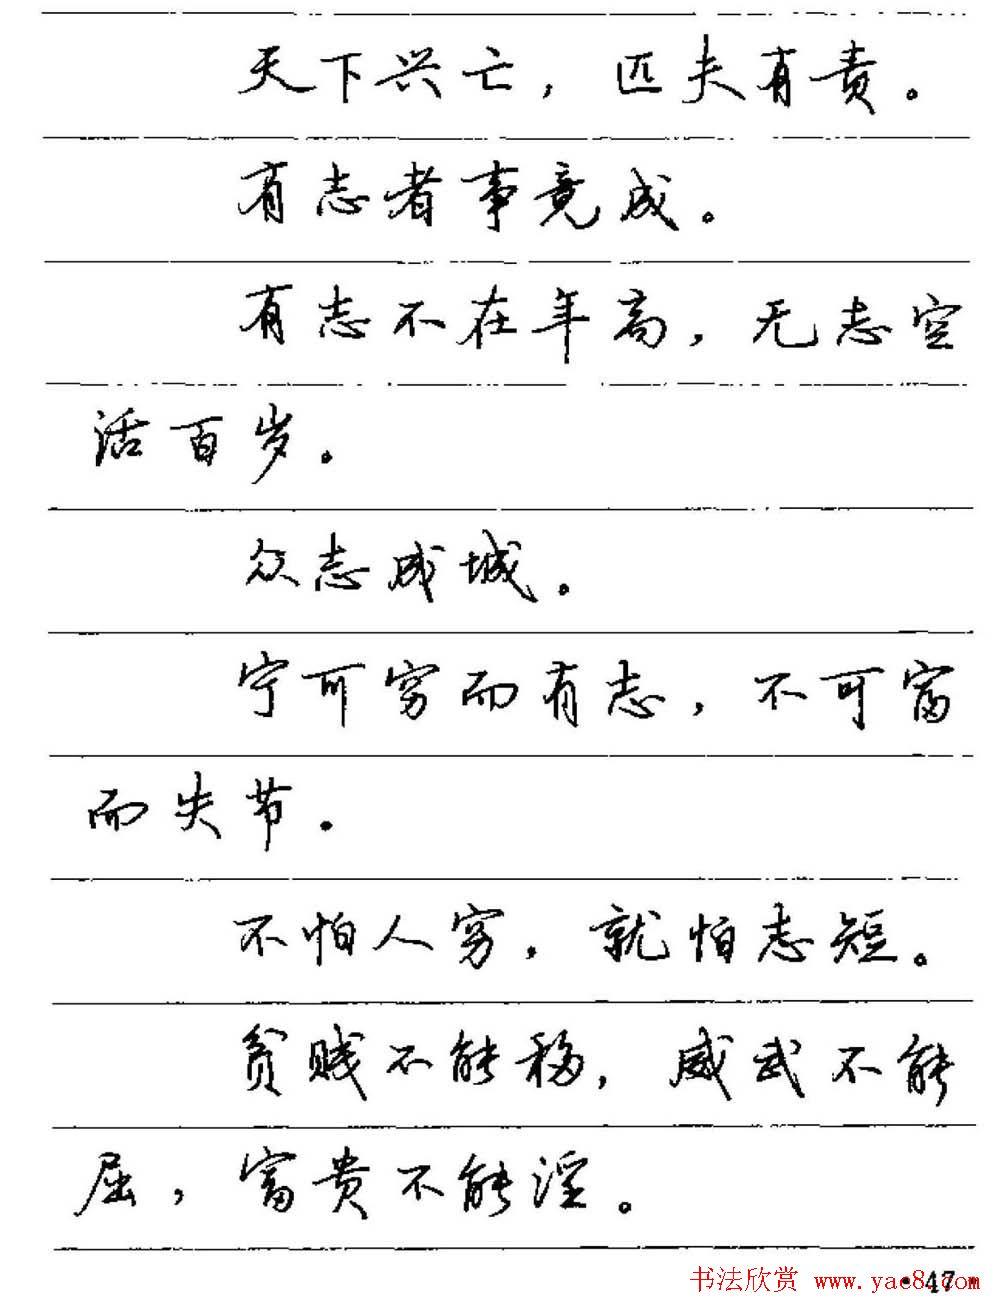 卢中南硬笔字帖《谚语名句》行书篇